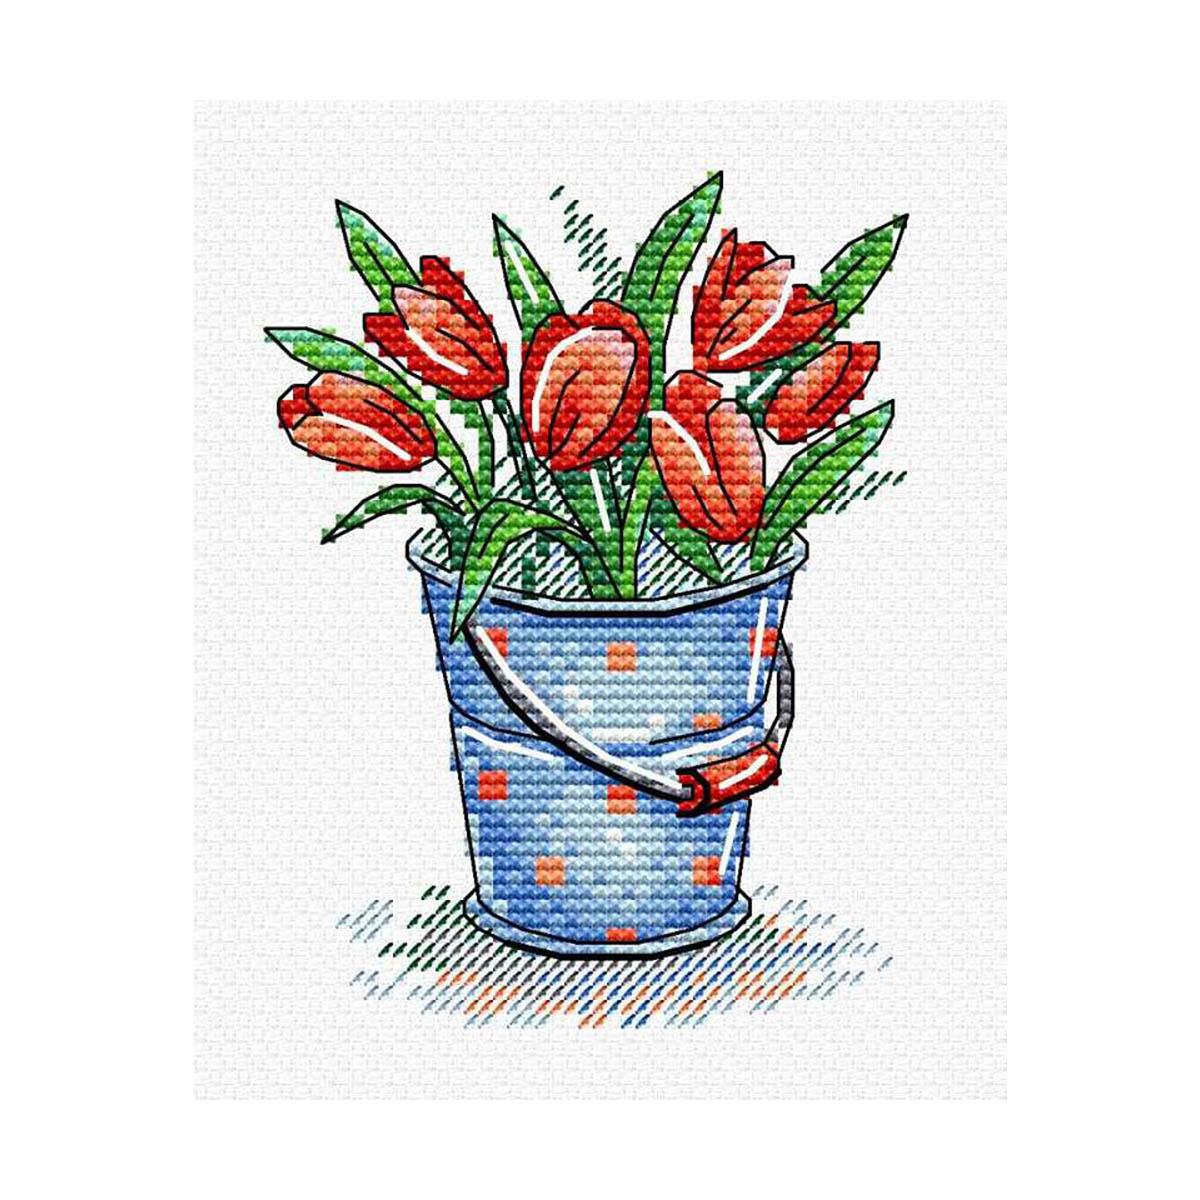 М-377 Набор для вышивания МП Студия 'Свежесть тюльпанов'11*8см